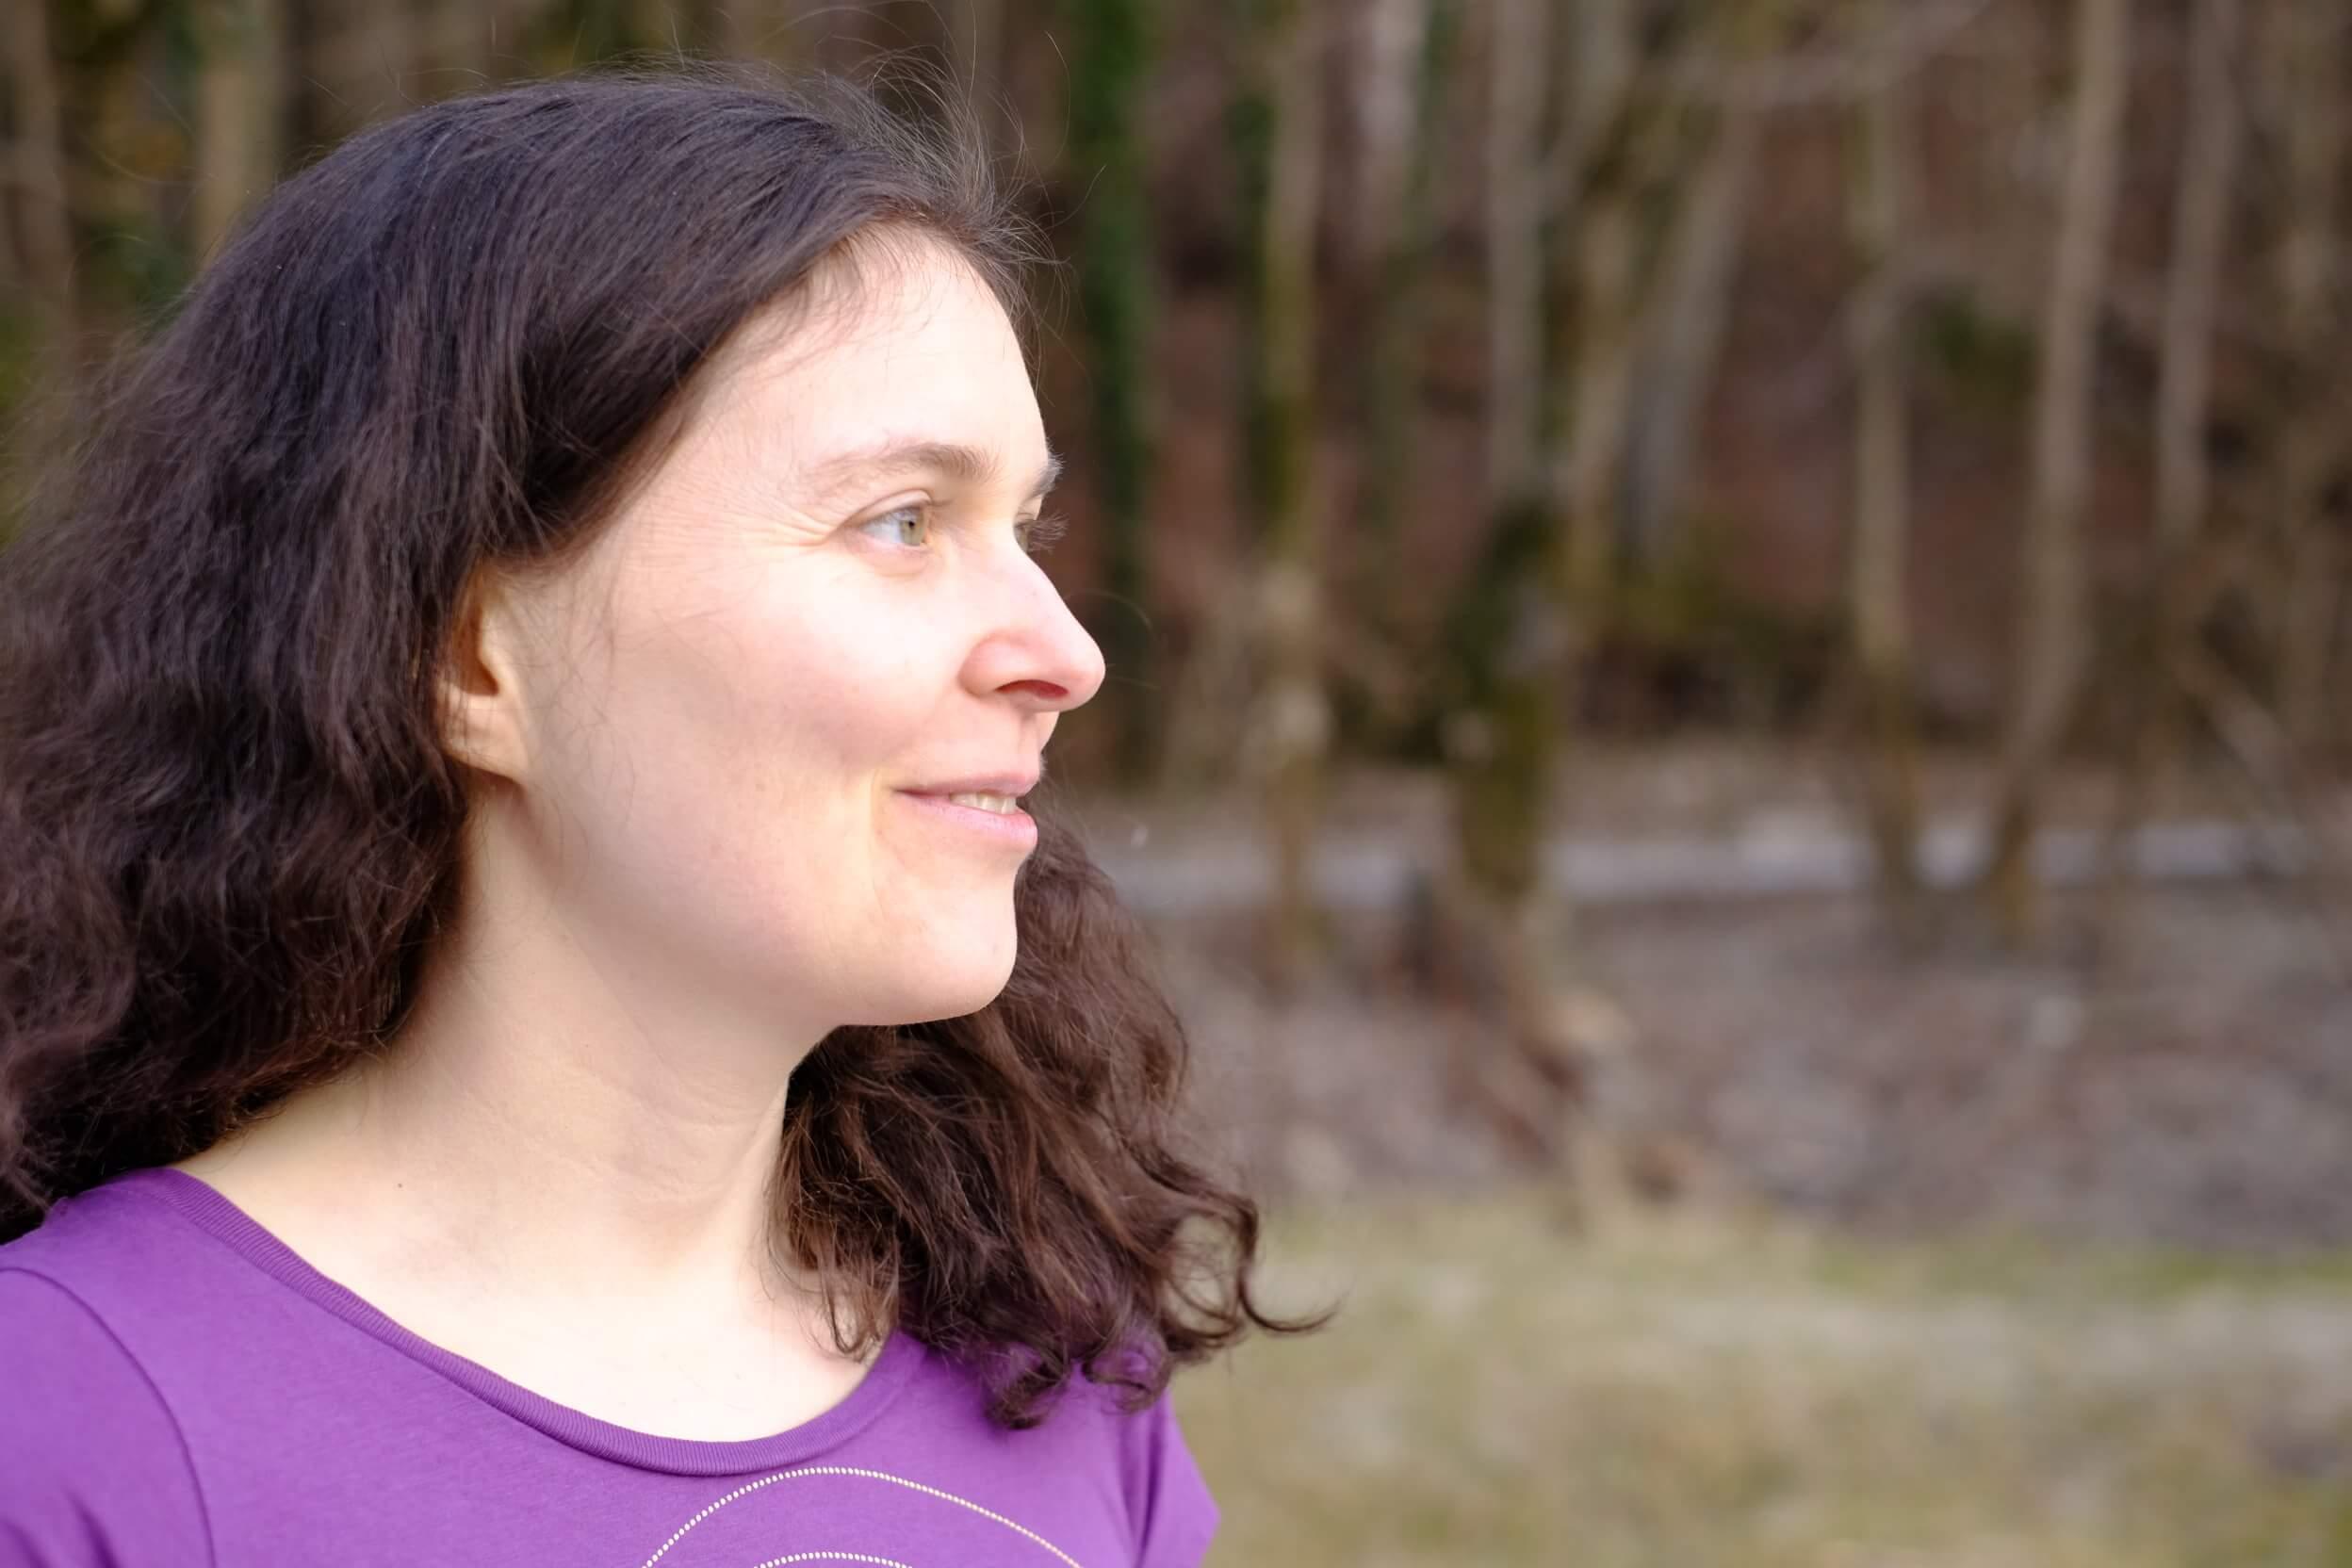 Wie kann ich mich entspannen? 30+ einfache und wirkungsvolle Möglichkeiten